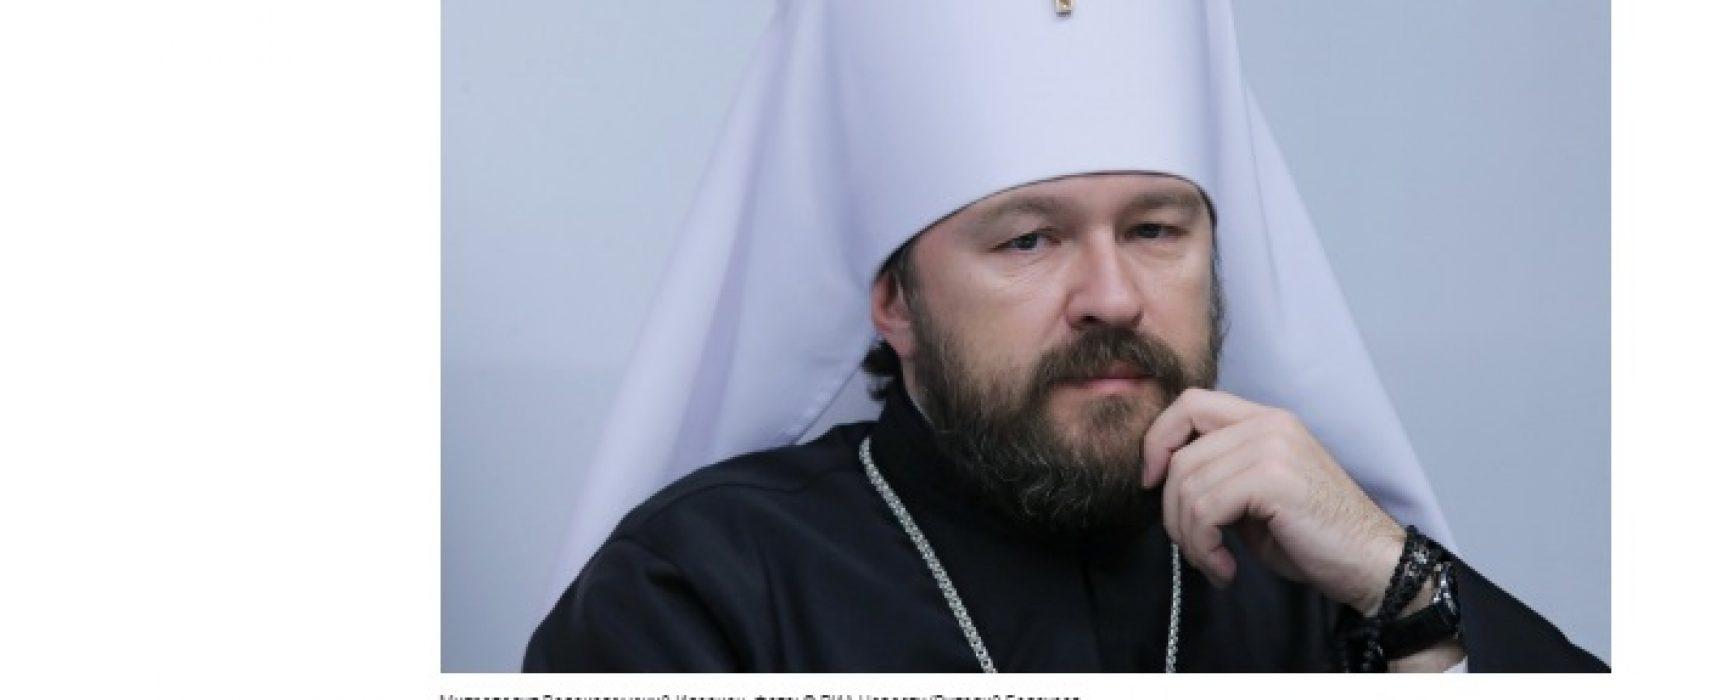 Como los medios pro-Kremlin cubrieron los 1030 años del bautismo de Kyiv Rus-Ucrania